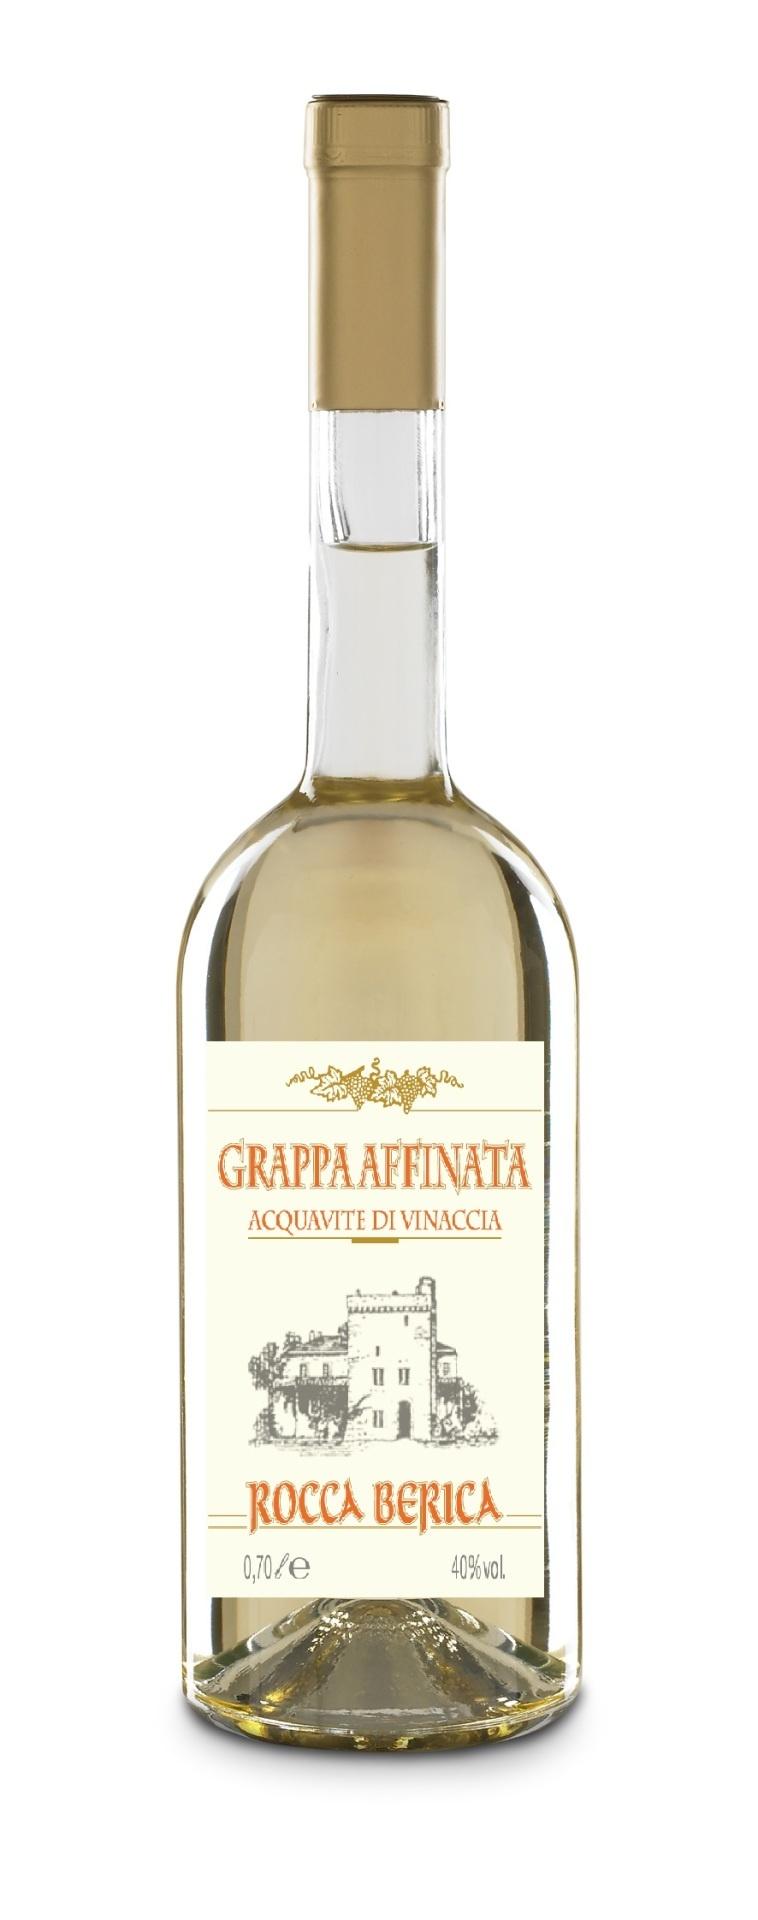 Grappa Affinata Rocca Berica-1